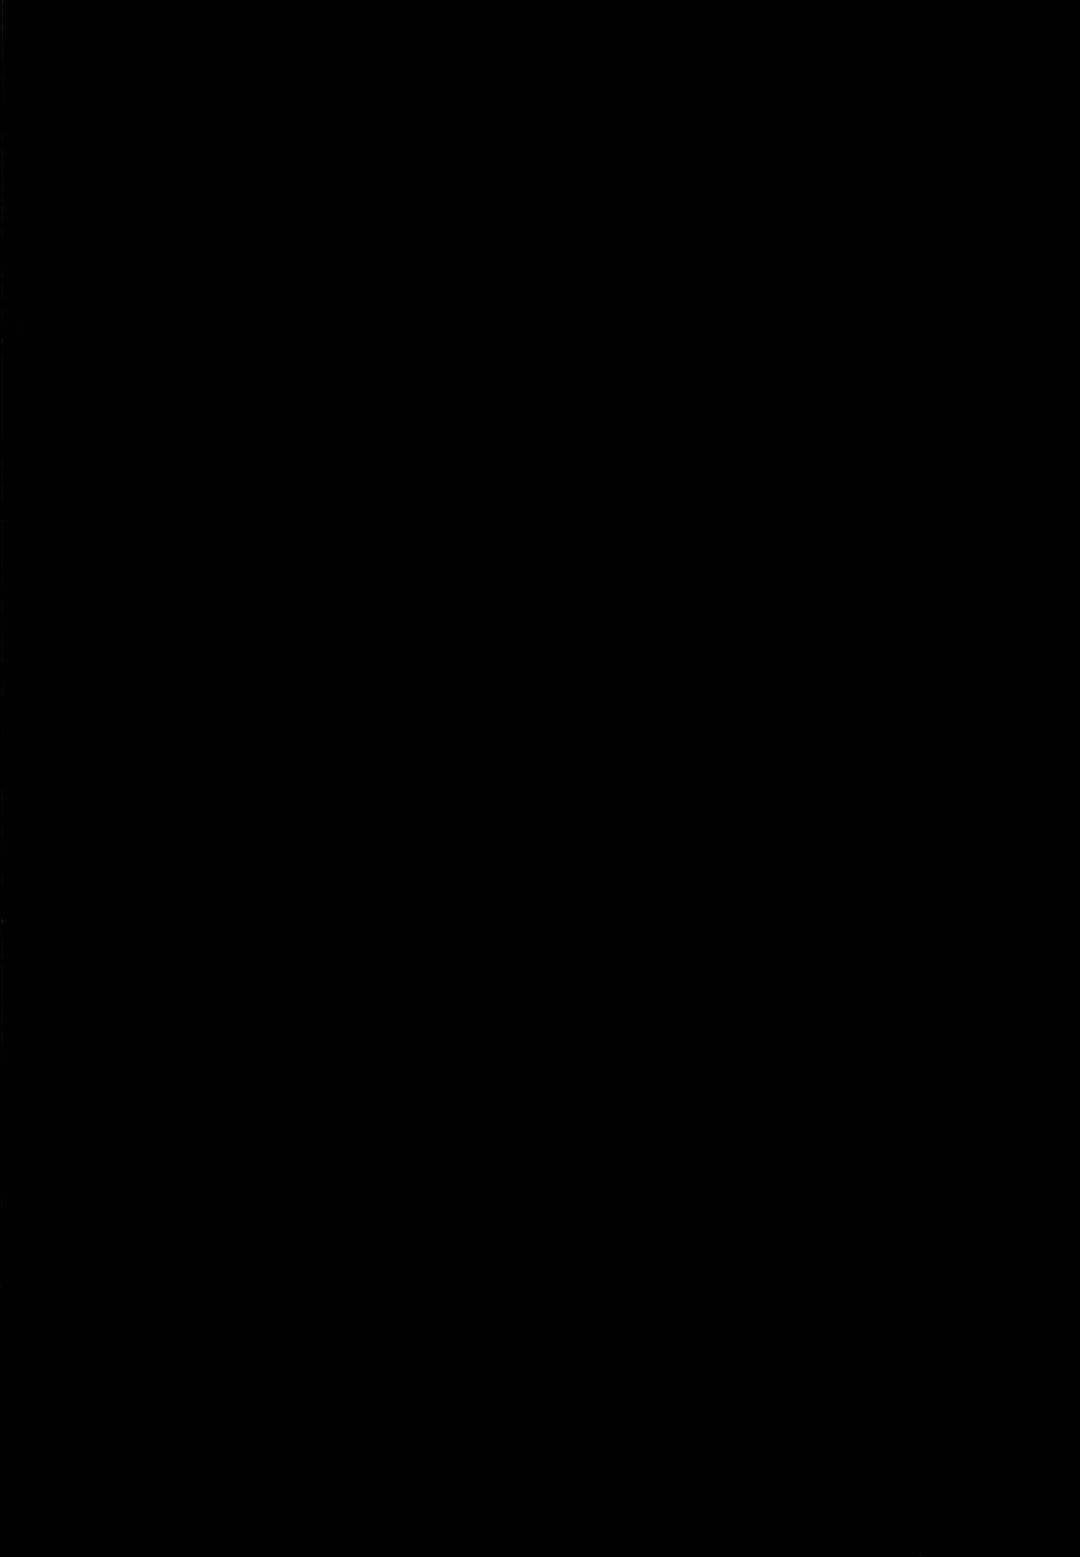 【エロ同人誌】こいしが拾ってきた人間の子供を性的に襲って、エッチな事をしちゃうさとり…おっぱいを押し当てて誘惑し、チンポをおまんこに擦り付けて精液を搾りとる。すると興奮した彼に組み敷かれて攻守逆転、肉棒で膣奥を突かれて悶える!【東方Project】